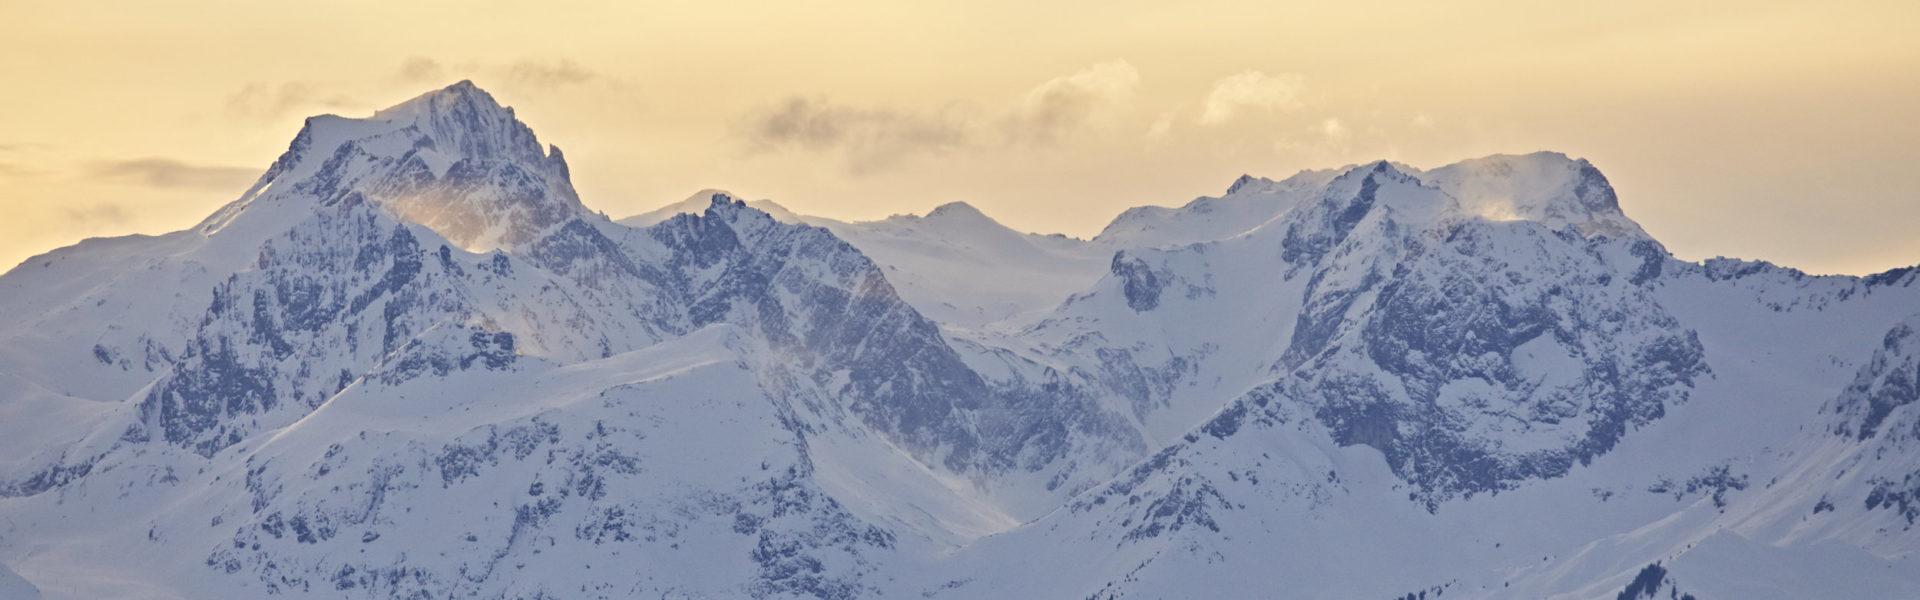 Skigebiet Arlberg © Gert Krautbauer / Vorarlberg Tourismus